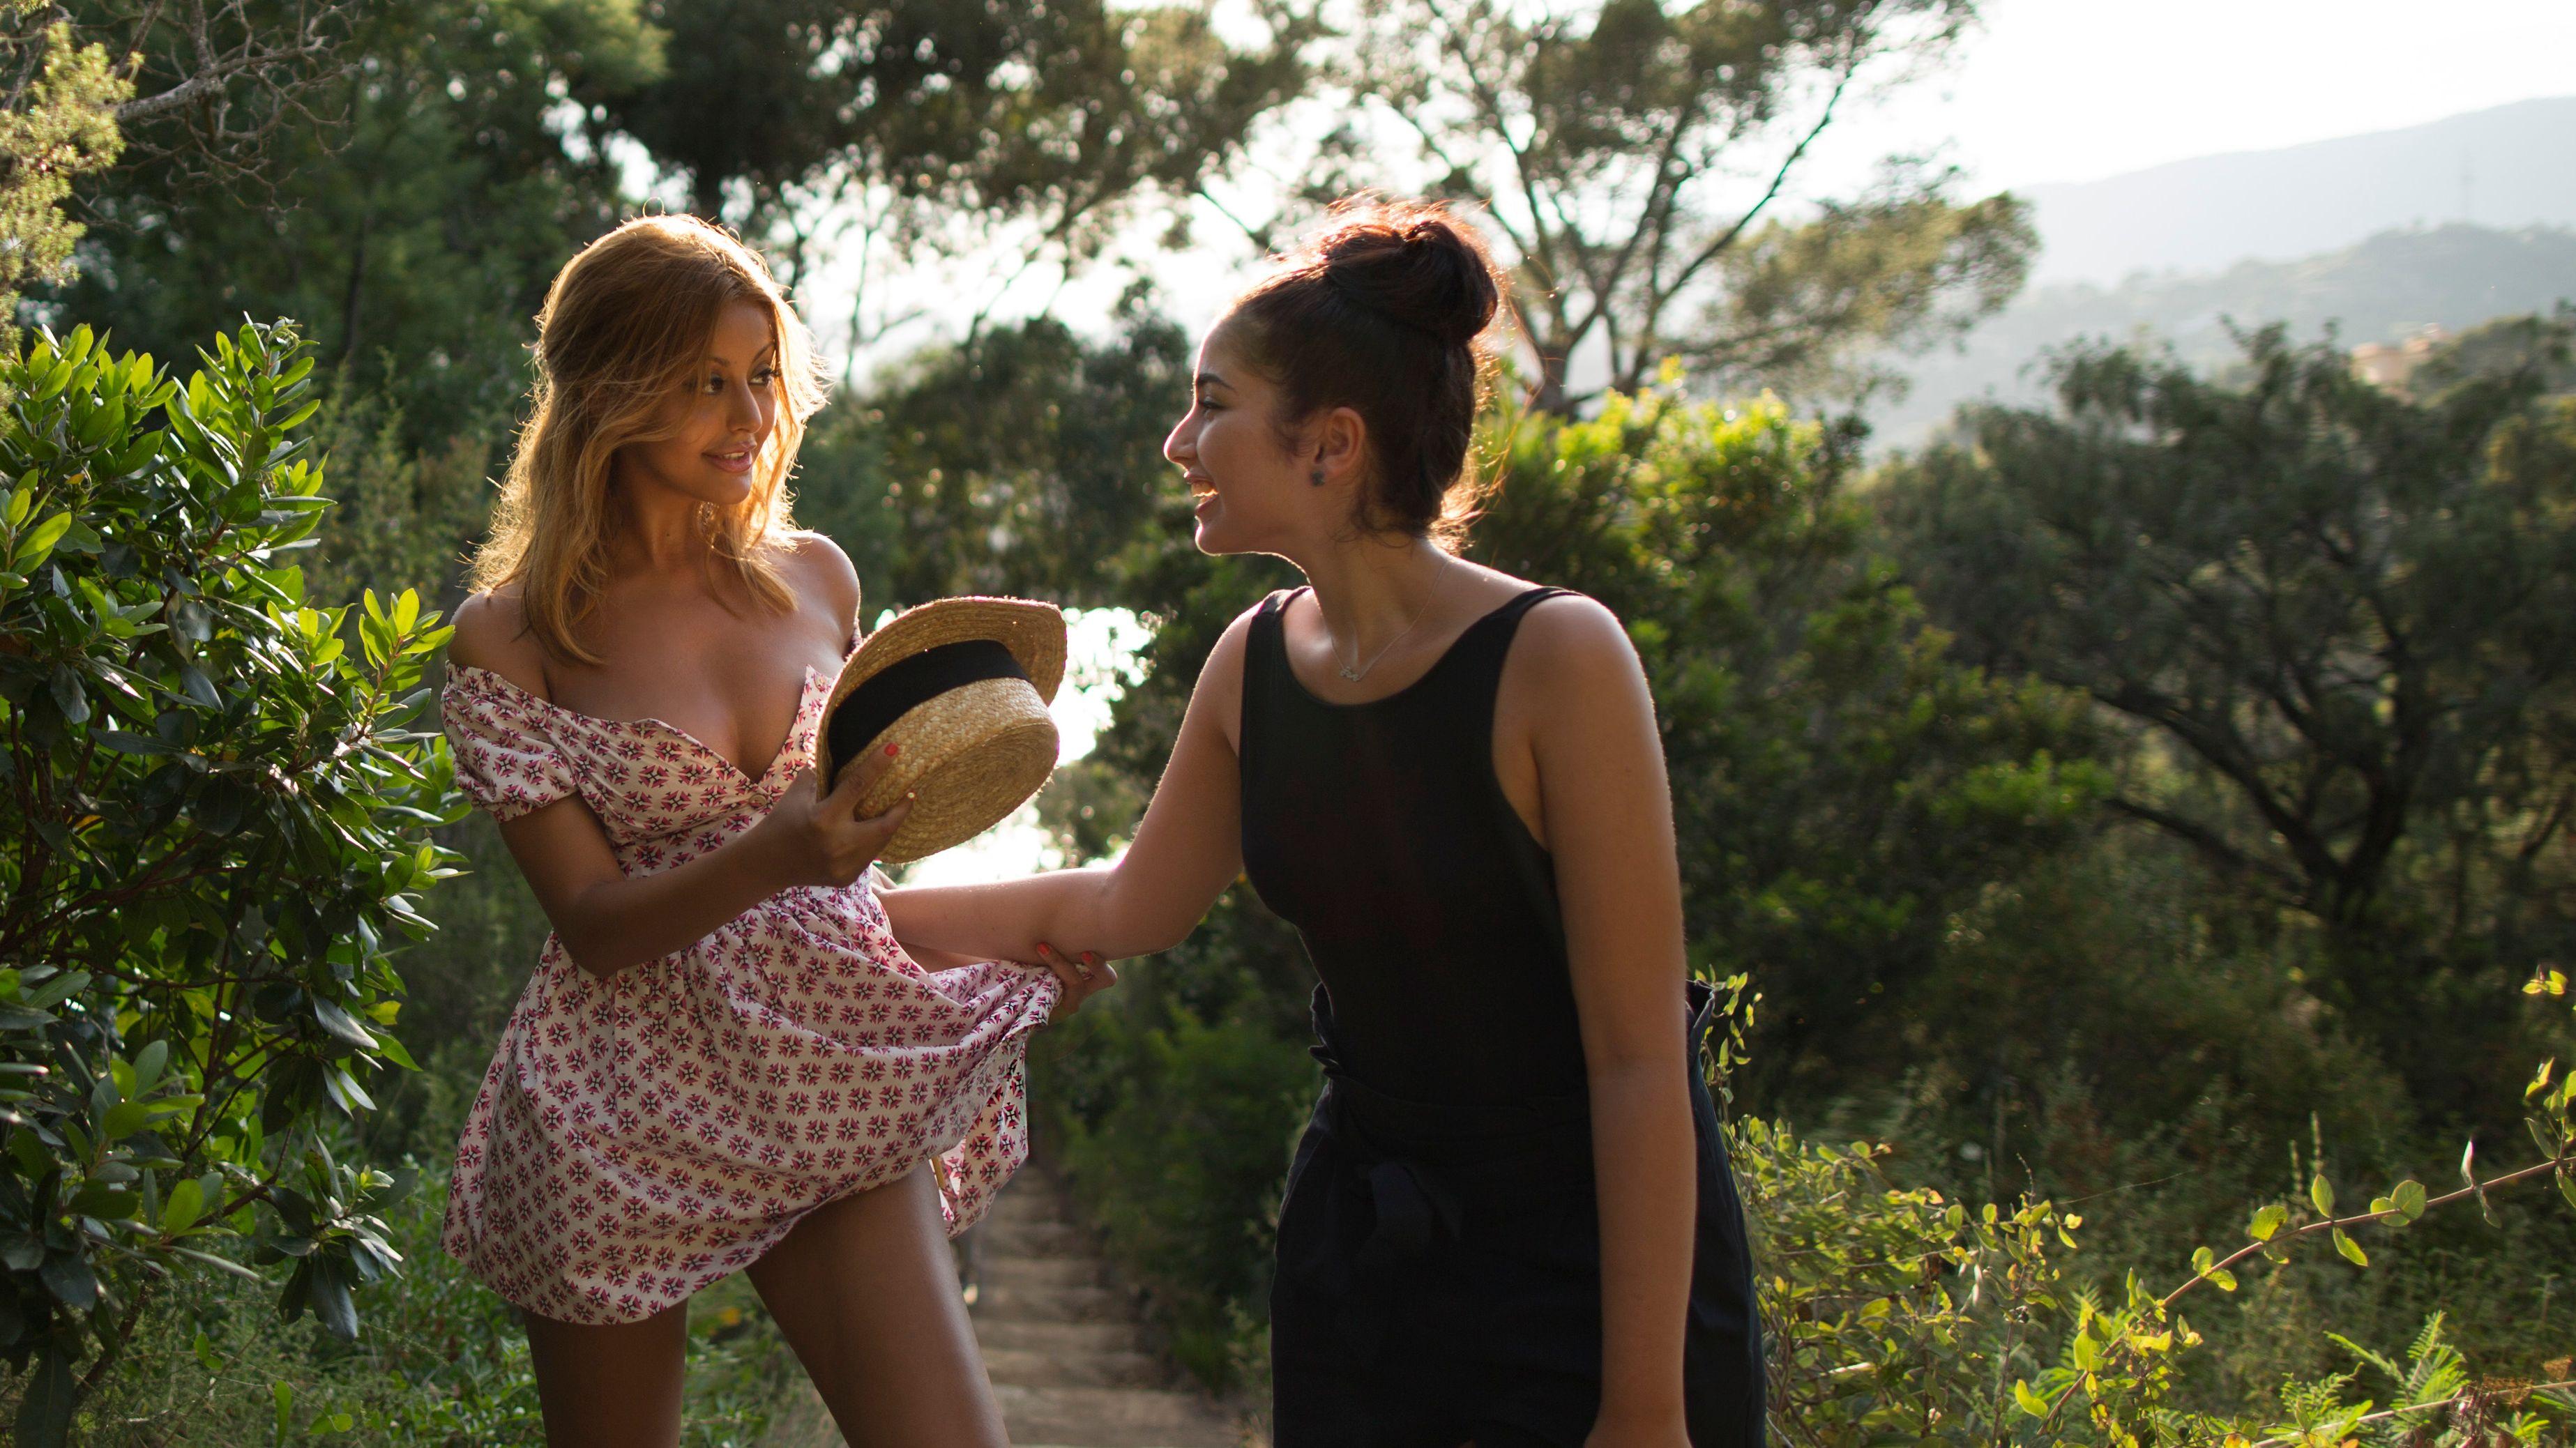 Zwei junge Frauen, tolles Licht und eine große Frage: Wie will man eigentlich leben?